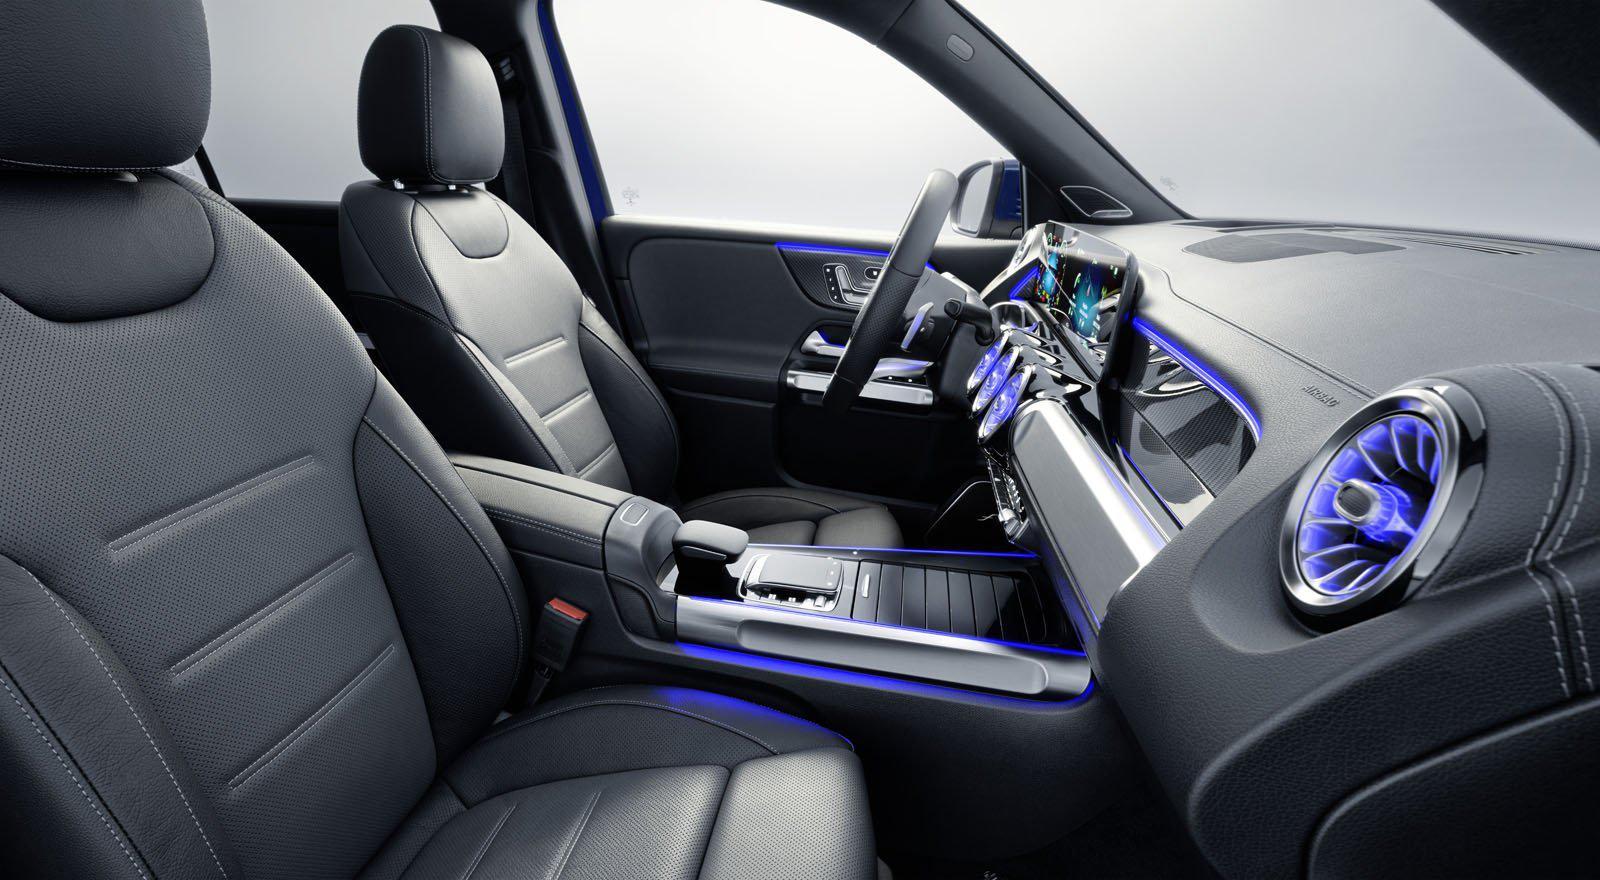 Ngắm trước Mercedes GLB sắp ra mắt với lựa chọn 7 chỗ Ảnh 7